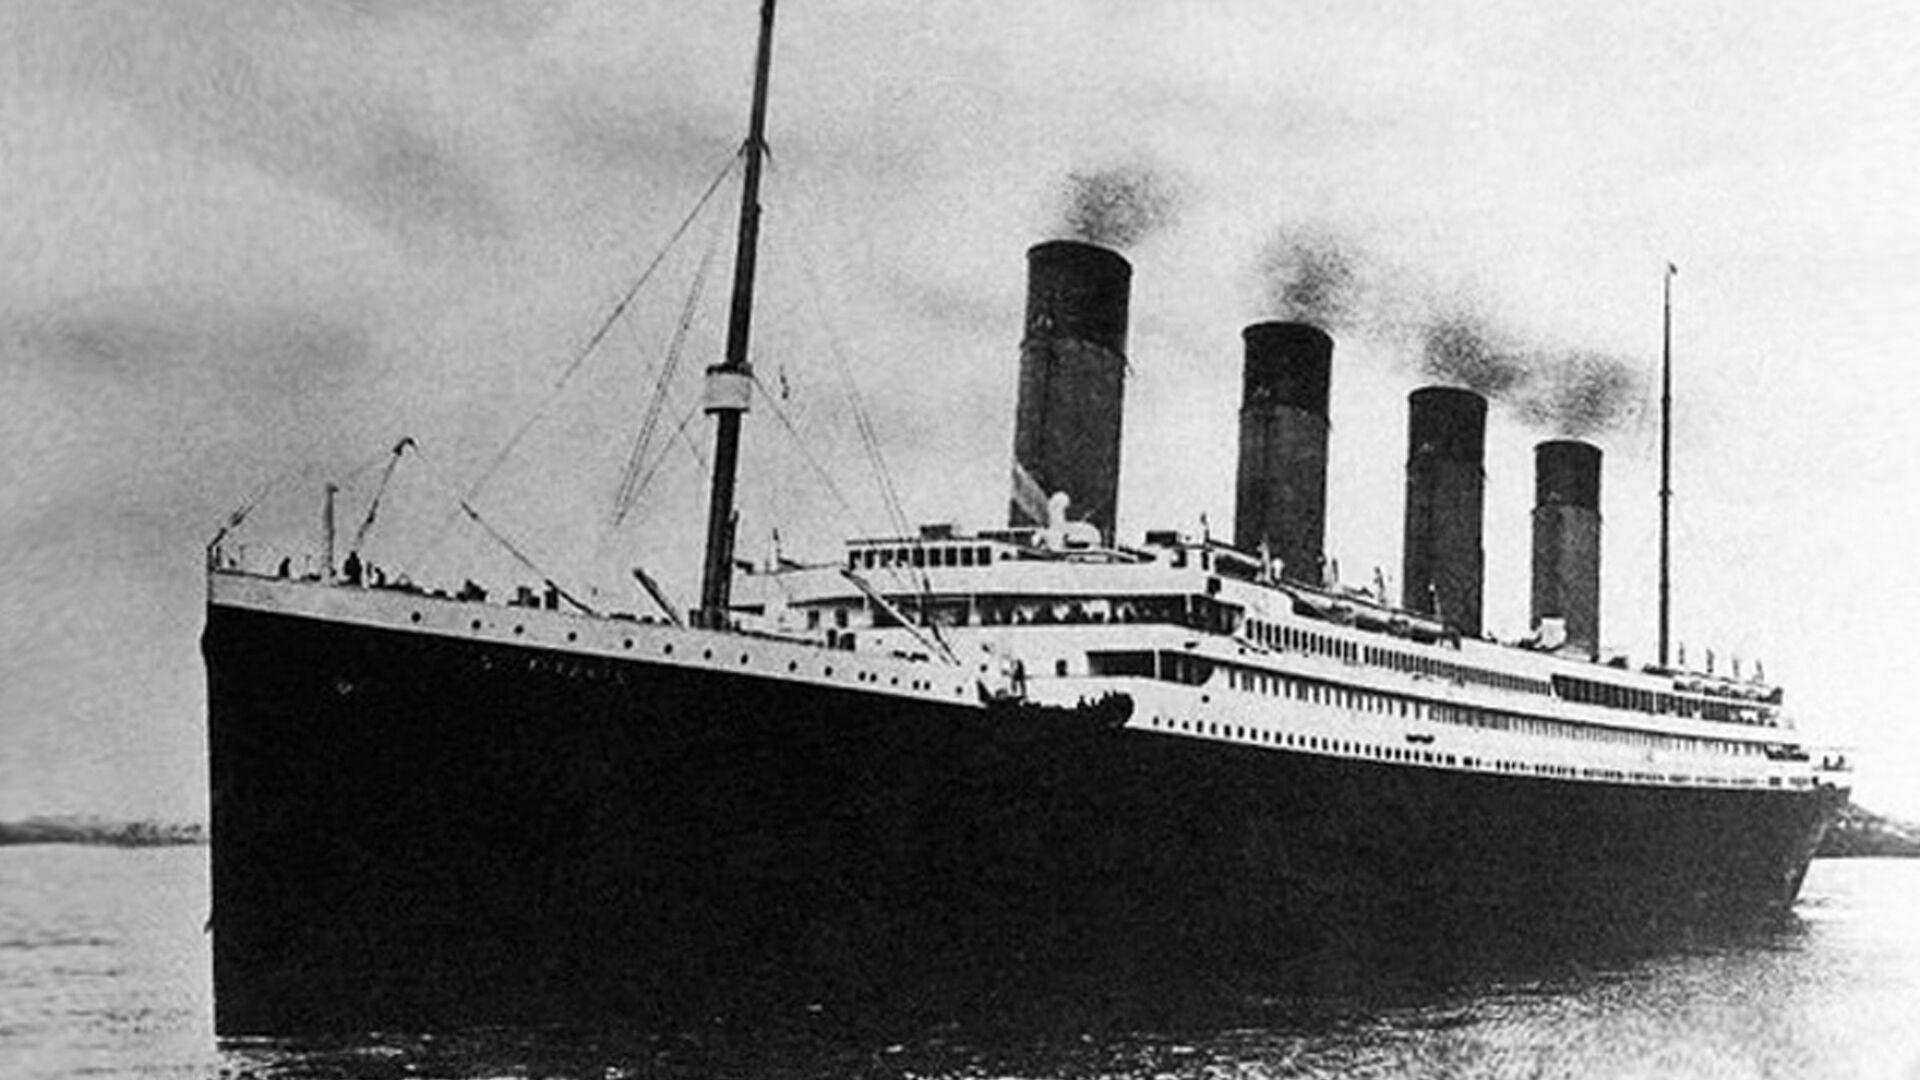 Титаник в Саутгемптоне 10 апреля 1912 года - РИА Новости, 1920, 21.11.2019